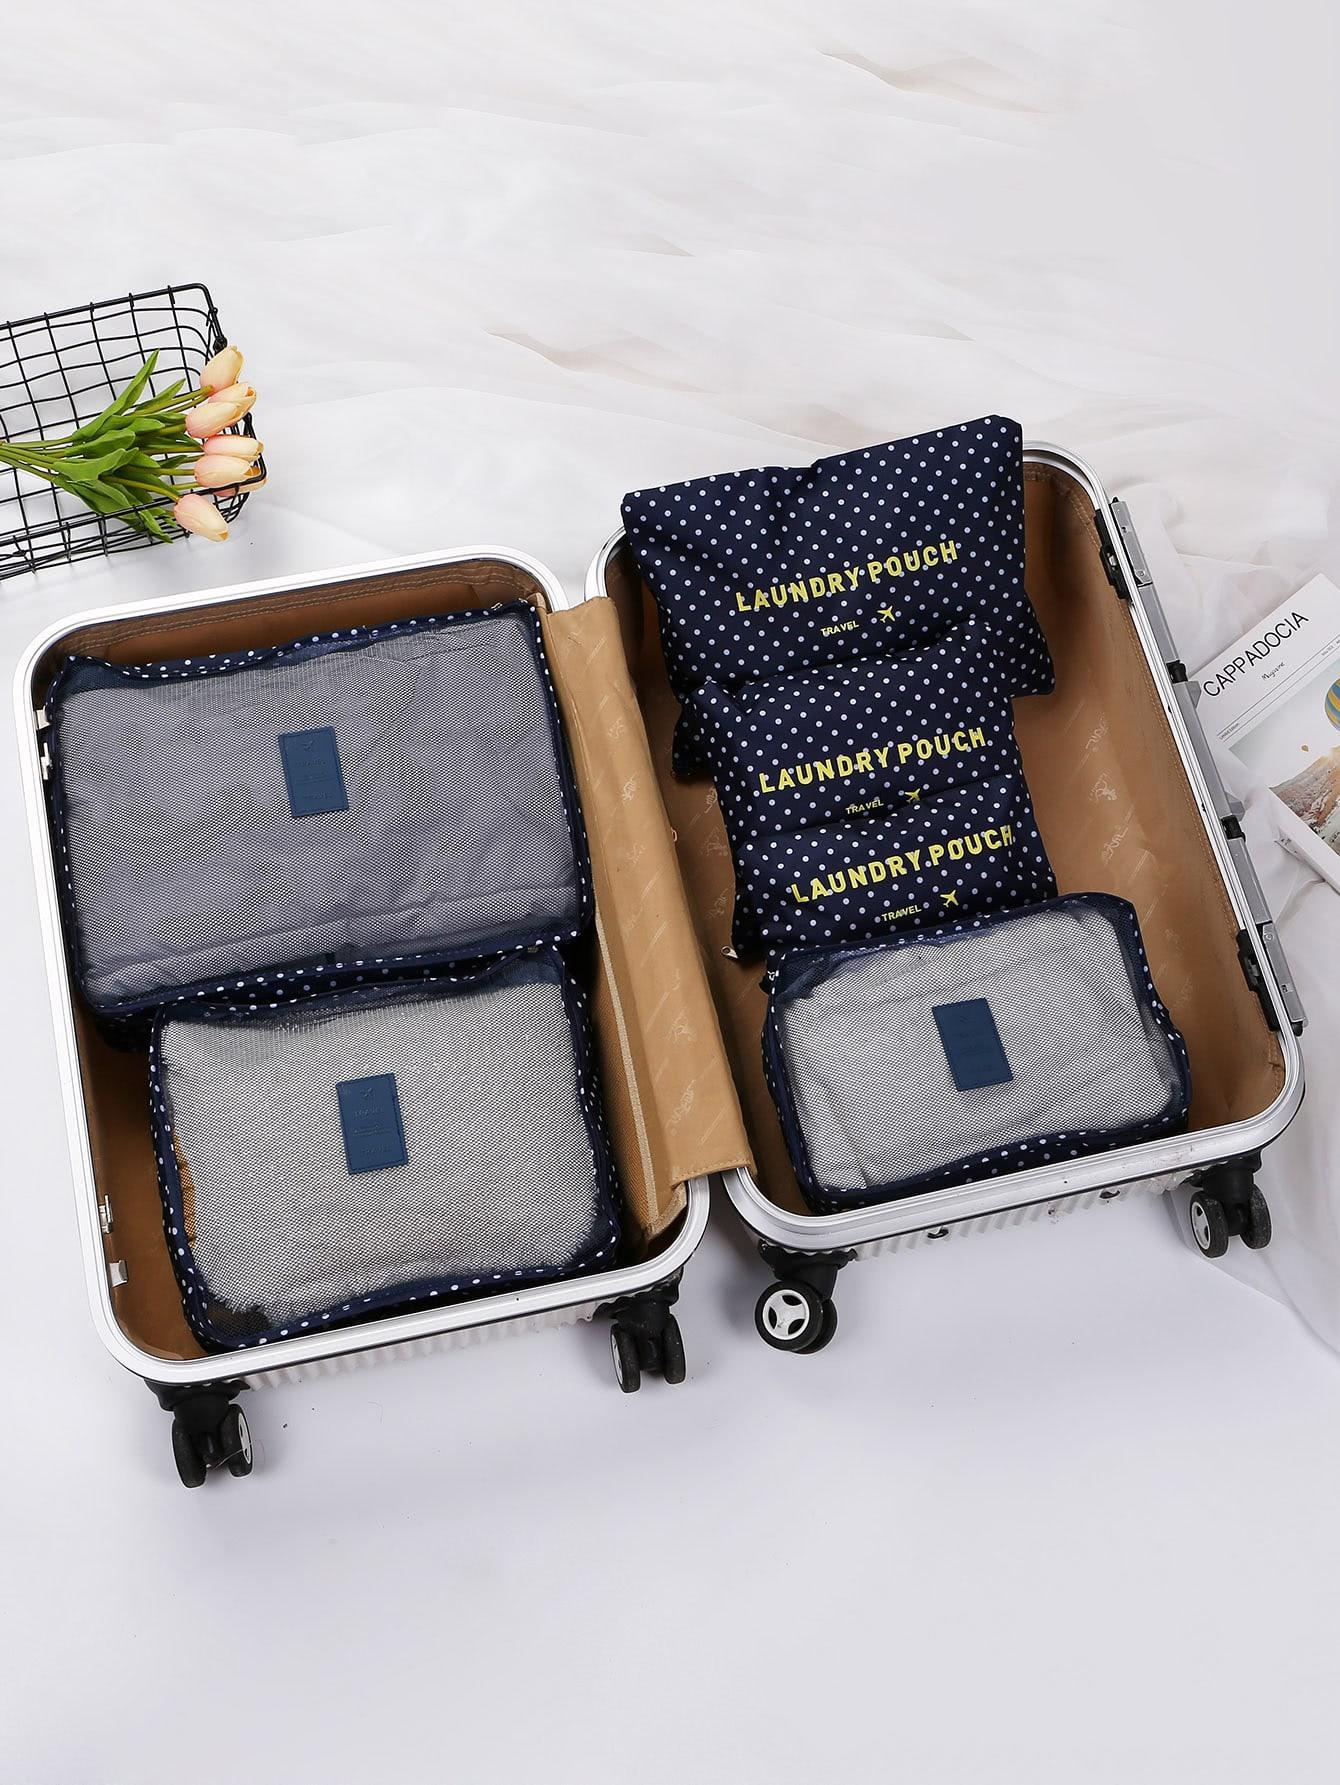 6 Pcs Travel Bags Set Dot Print Storage Bag